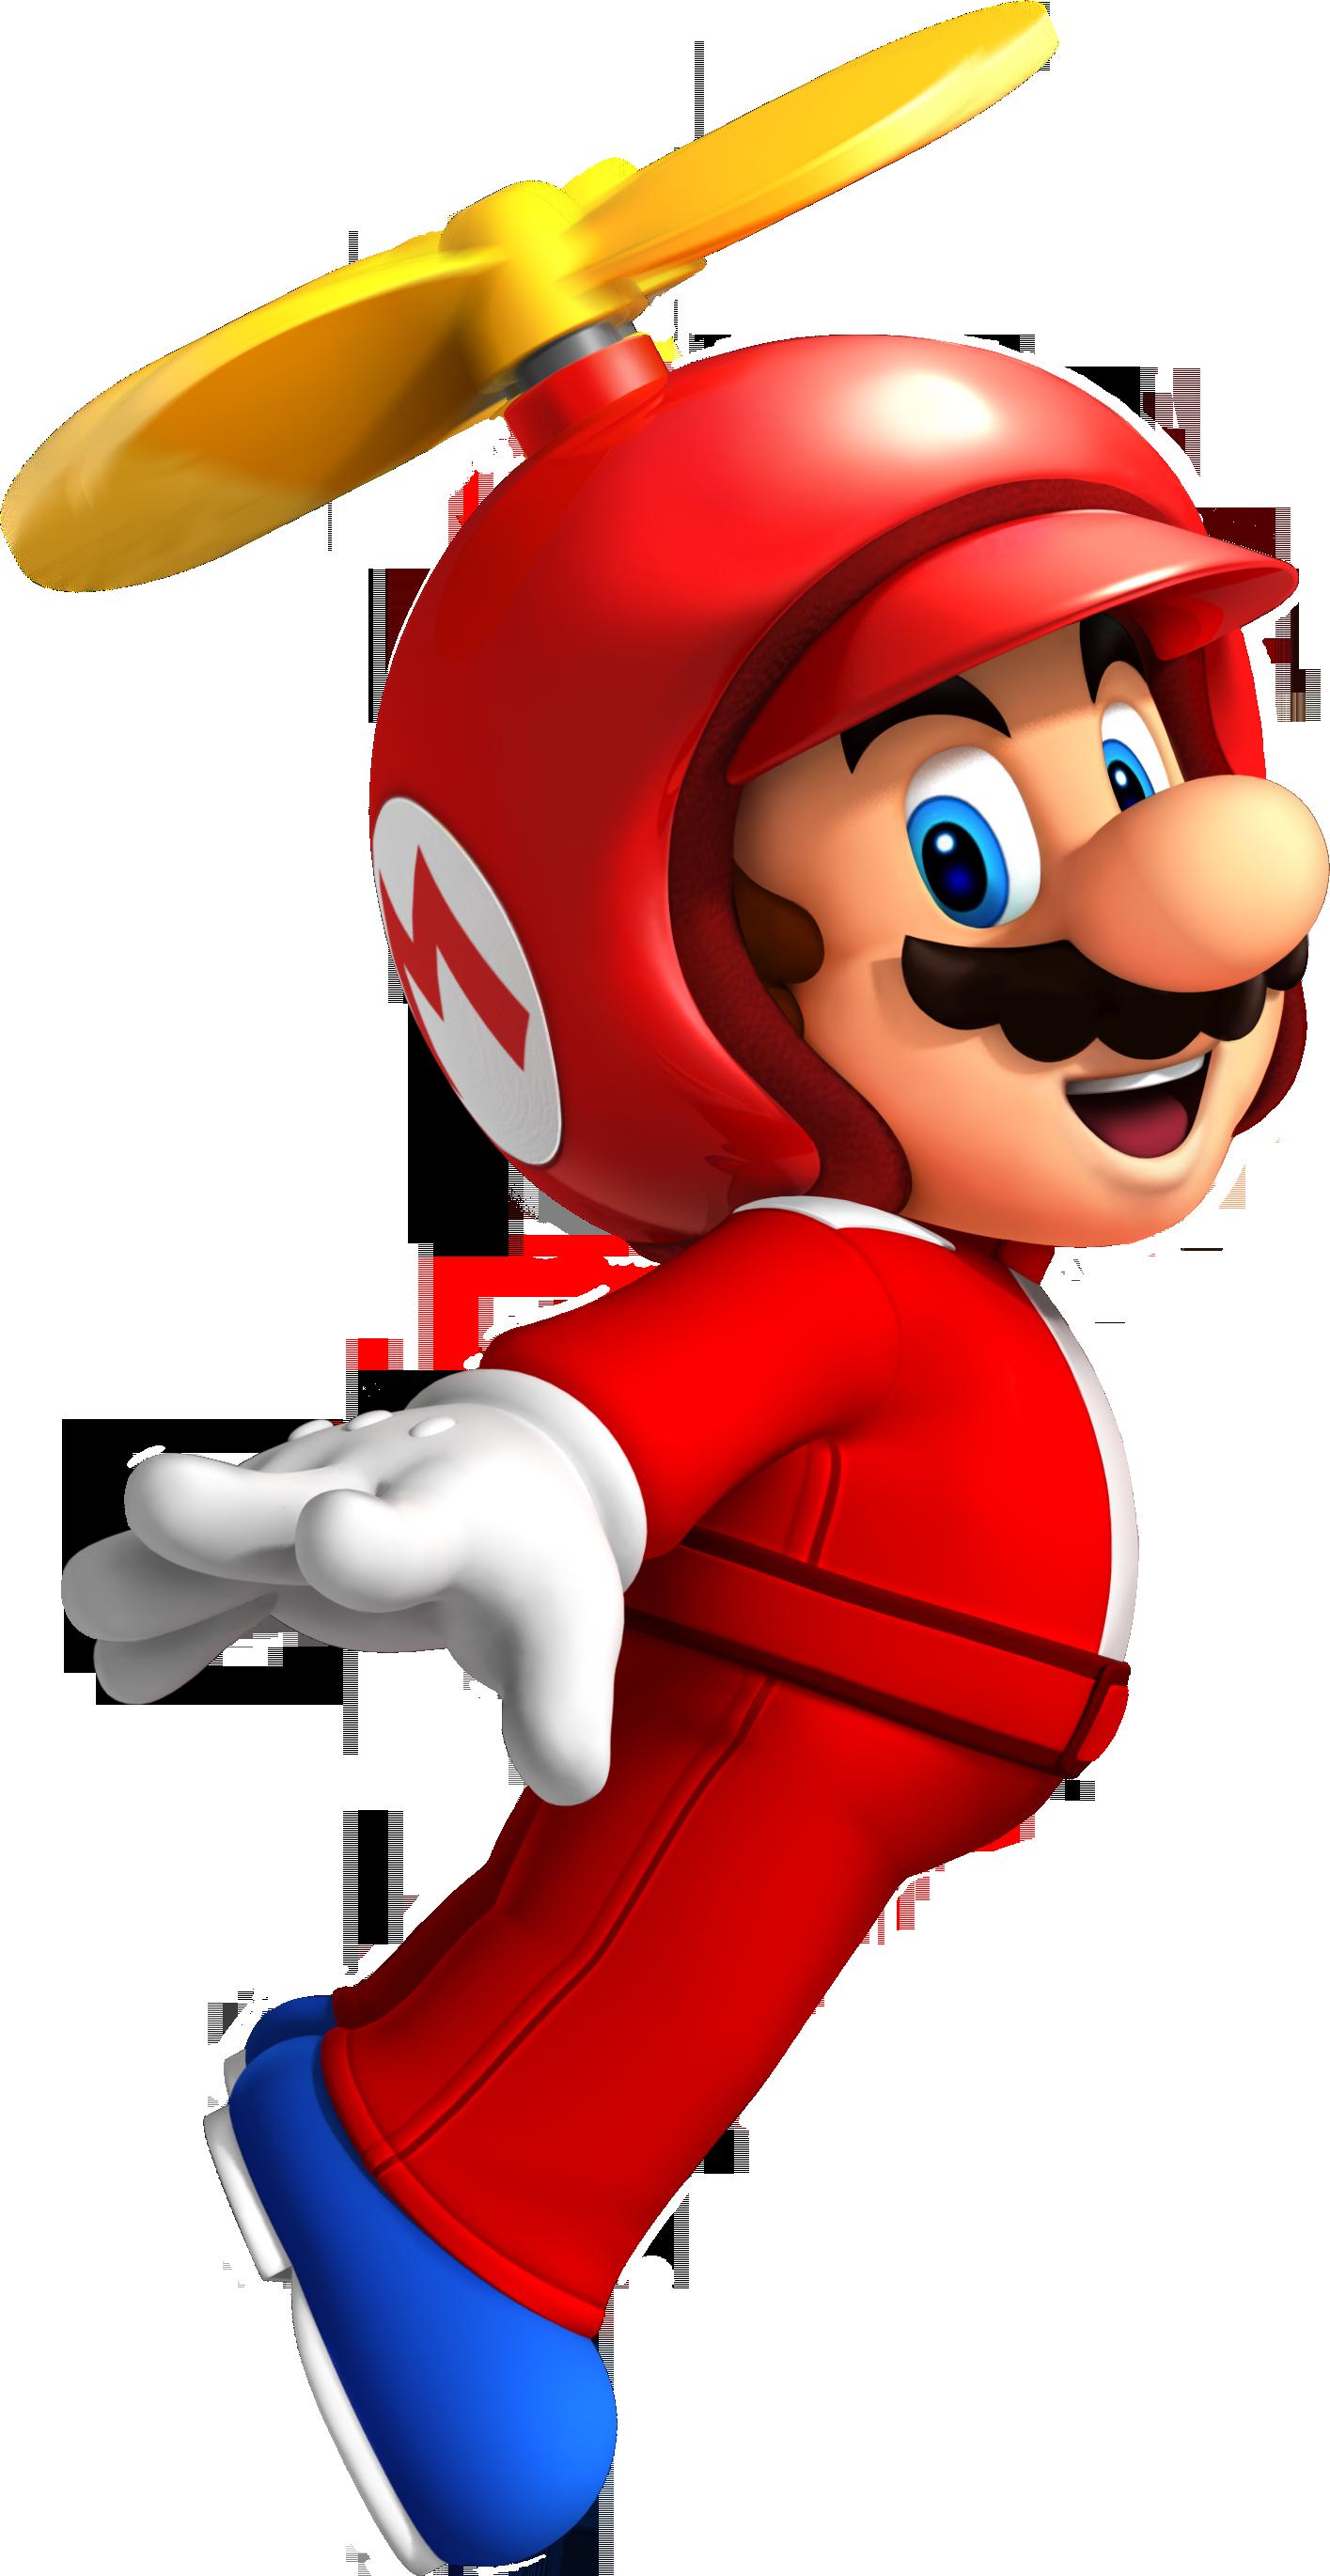 Super Mario Flying Png Image Mario Bros Party Super Mario Super Mario Bros